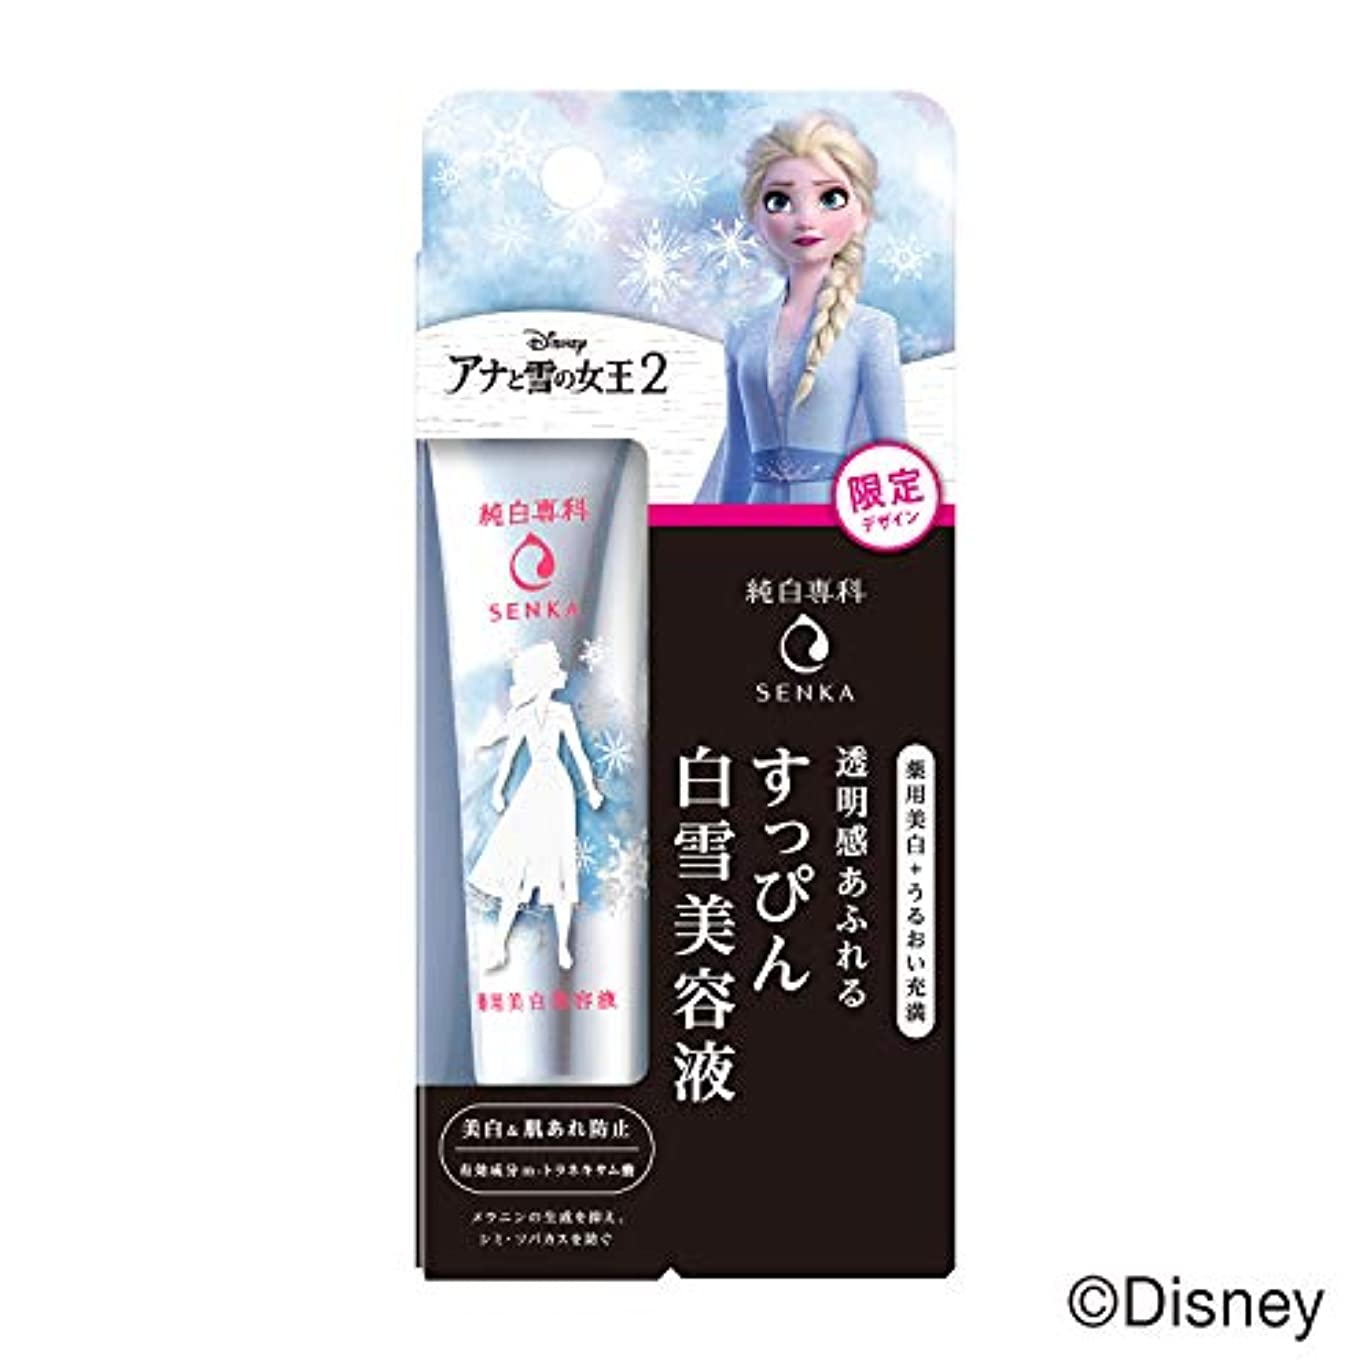 数字キャプテンモニカ専科純白専科 すっぴん白雪美容液 ディズニー映画『アナと雪の女王2』限定デザイン美容液本体